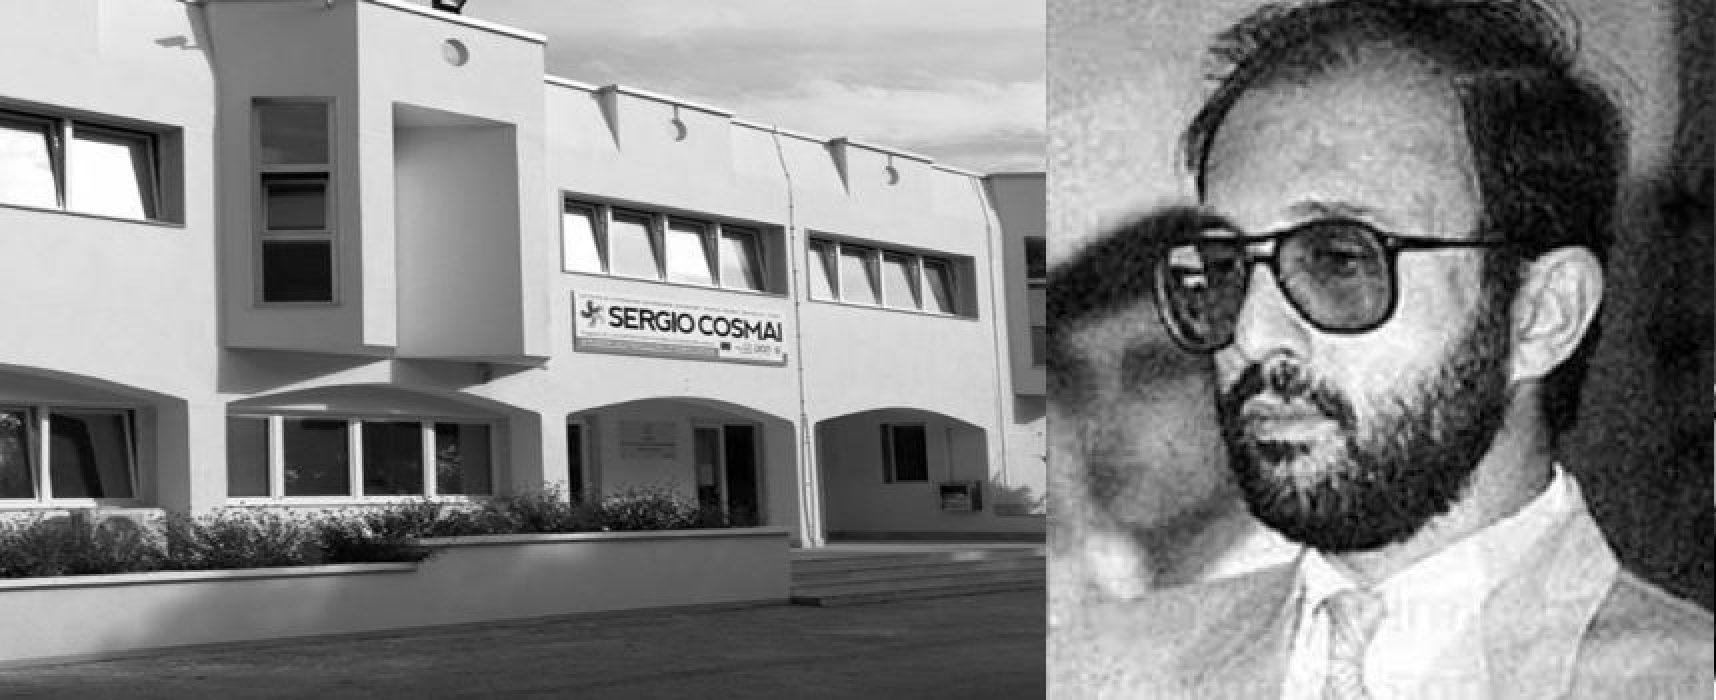 """L'istituto """"Sergio Cosmai"""" ricorda, nonostante la chiusura, le vittime di mafia / VIDEO"""